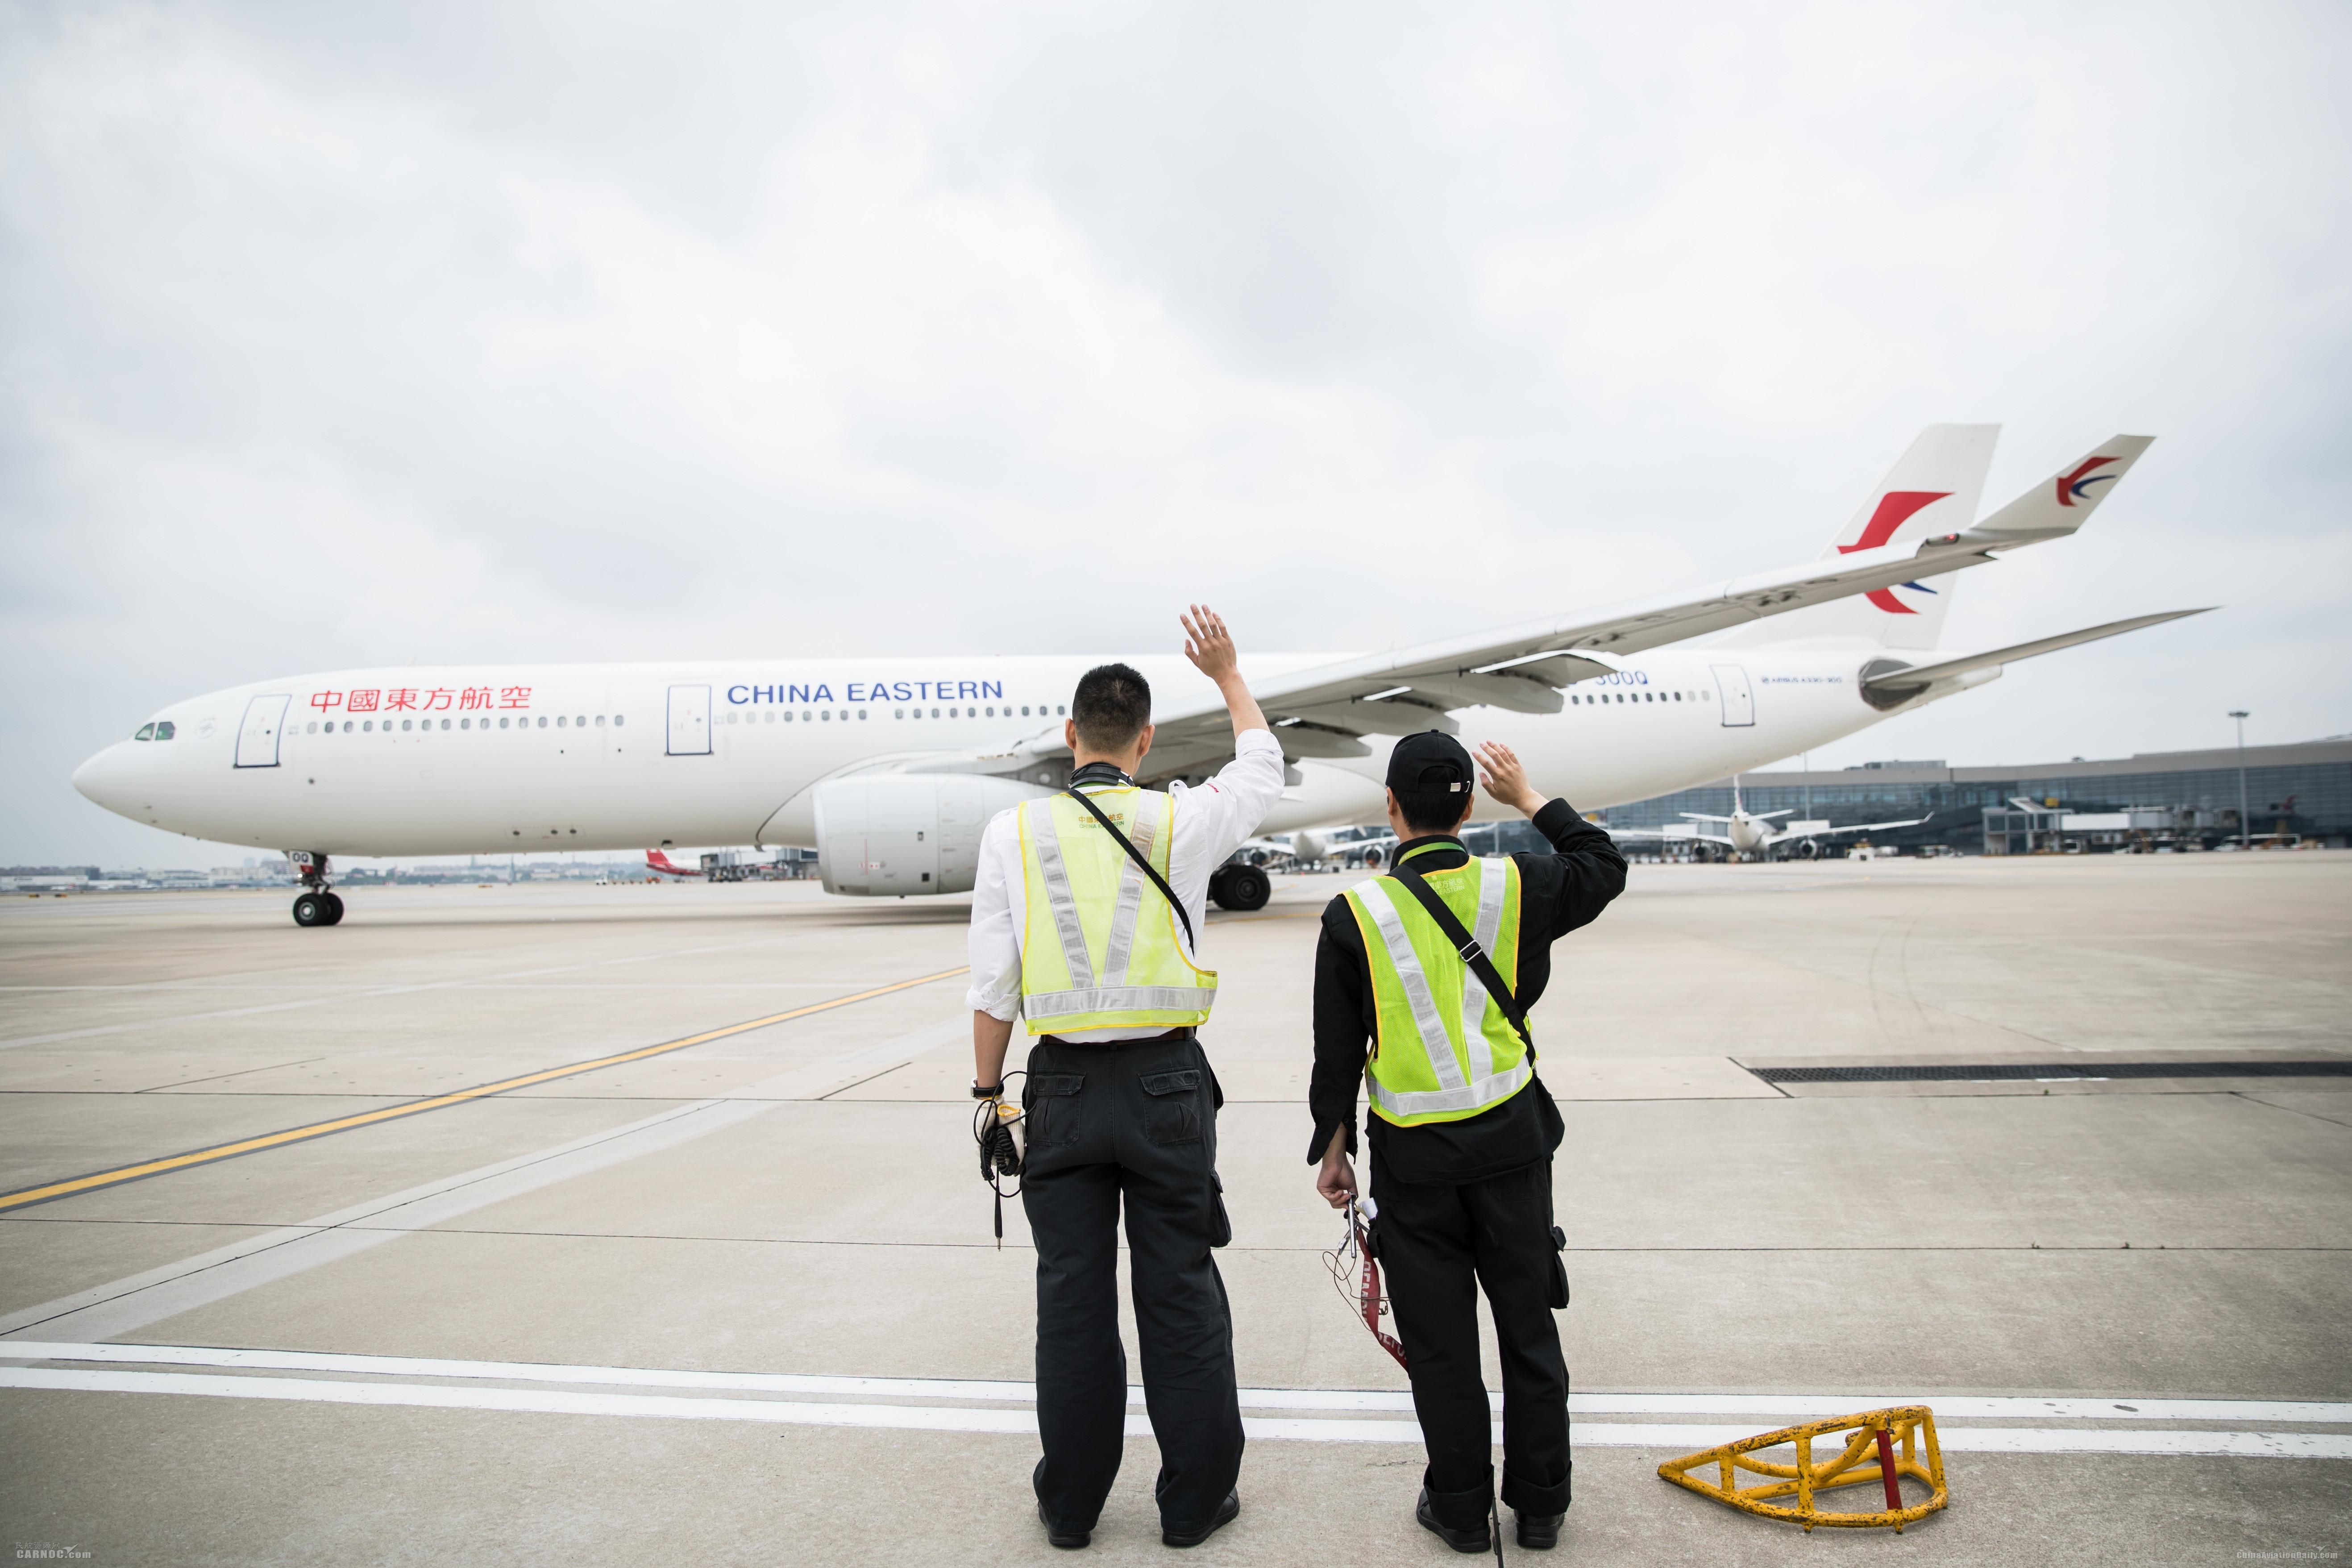 航班保障有了聊天群 新基建加速东航融合创新